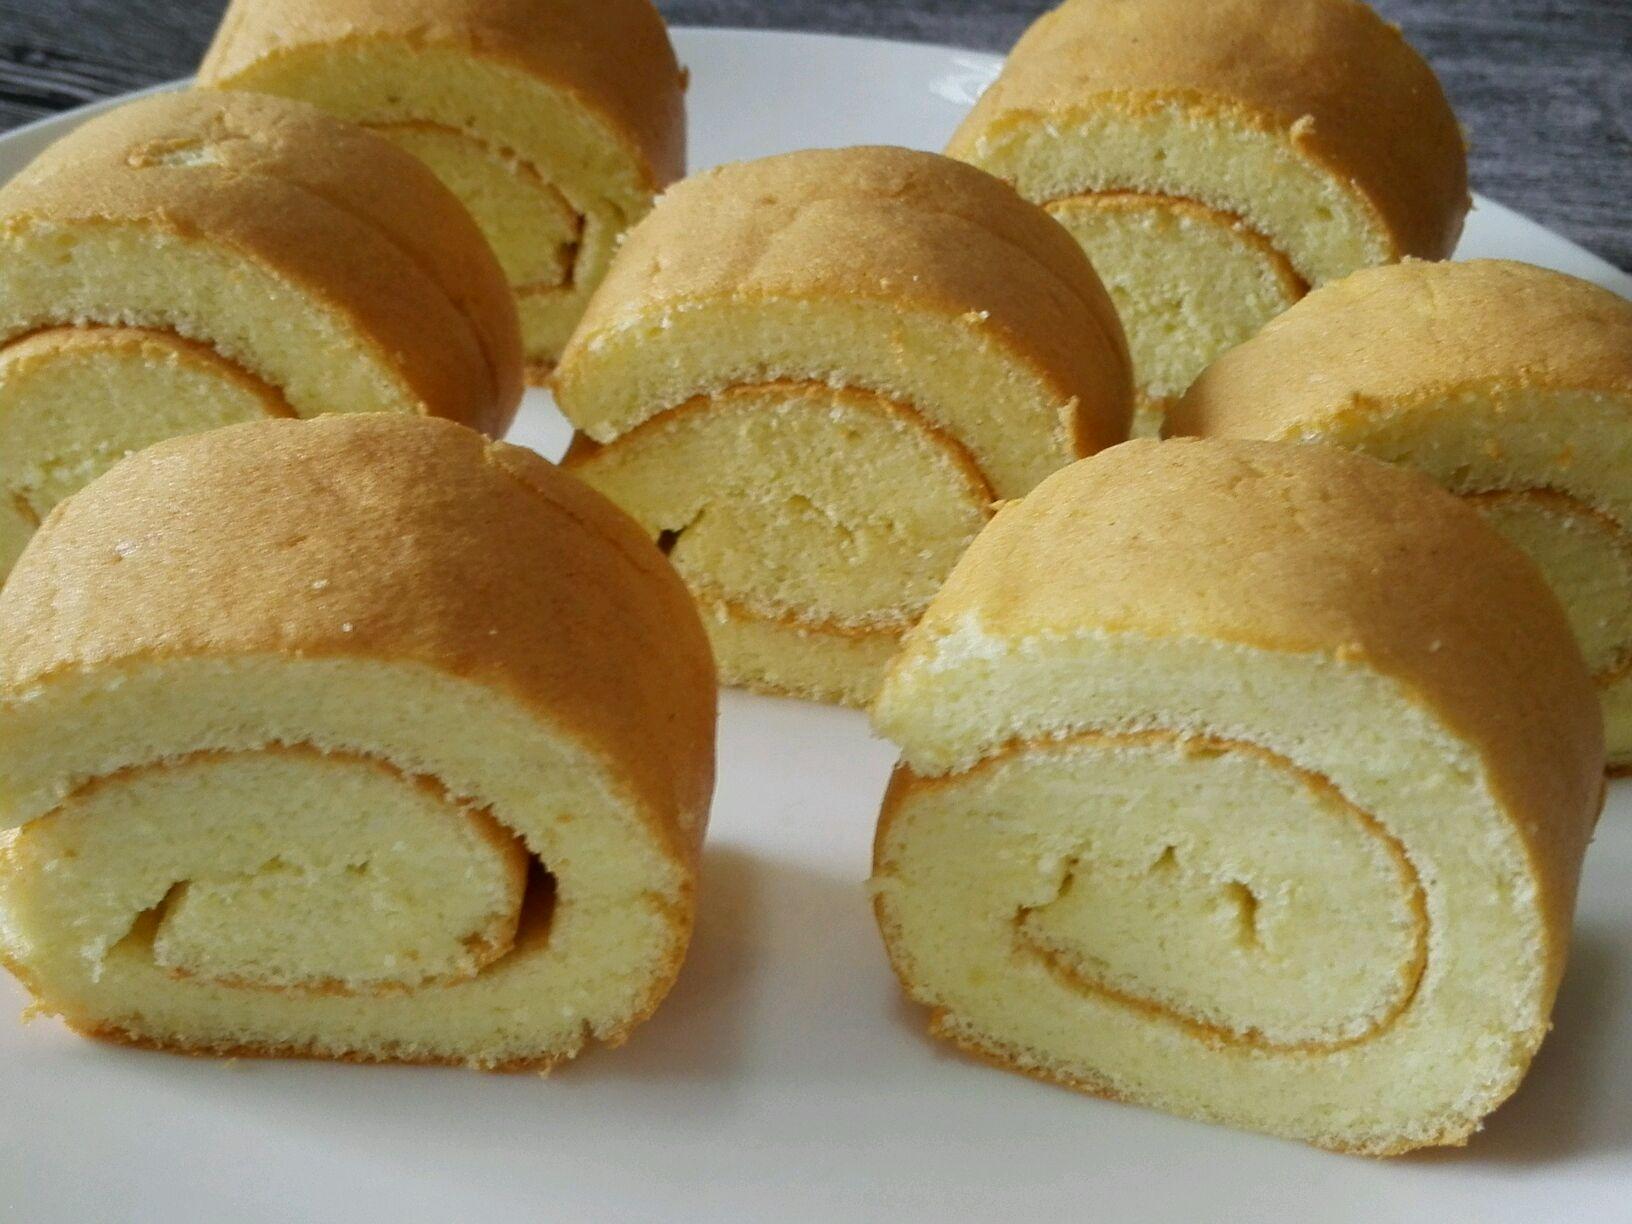 蛋糕卷的做法_【图解】蛋糕卷怎么做如何做好吃_蛋糕